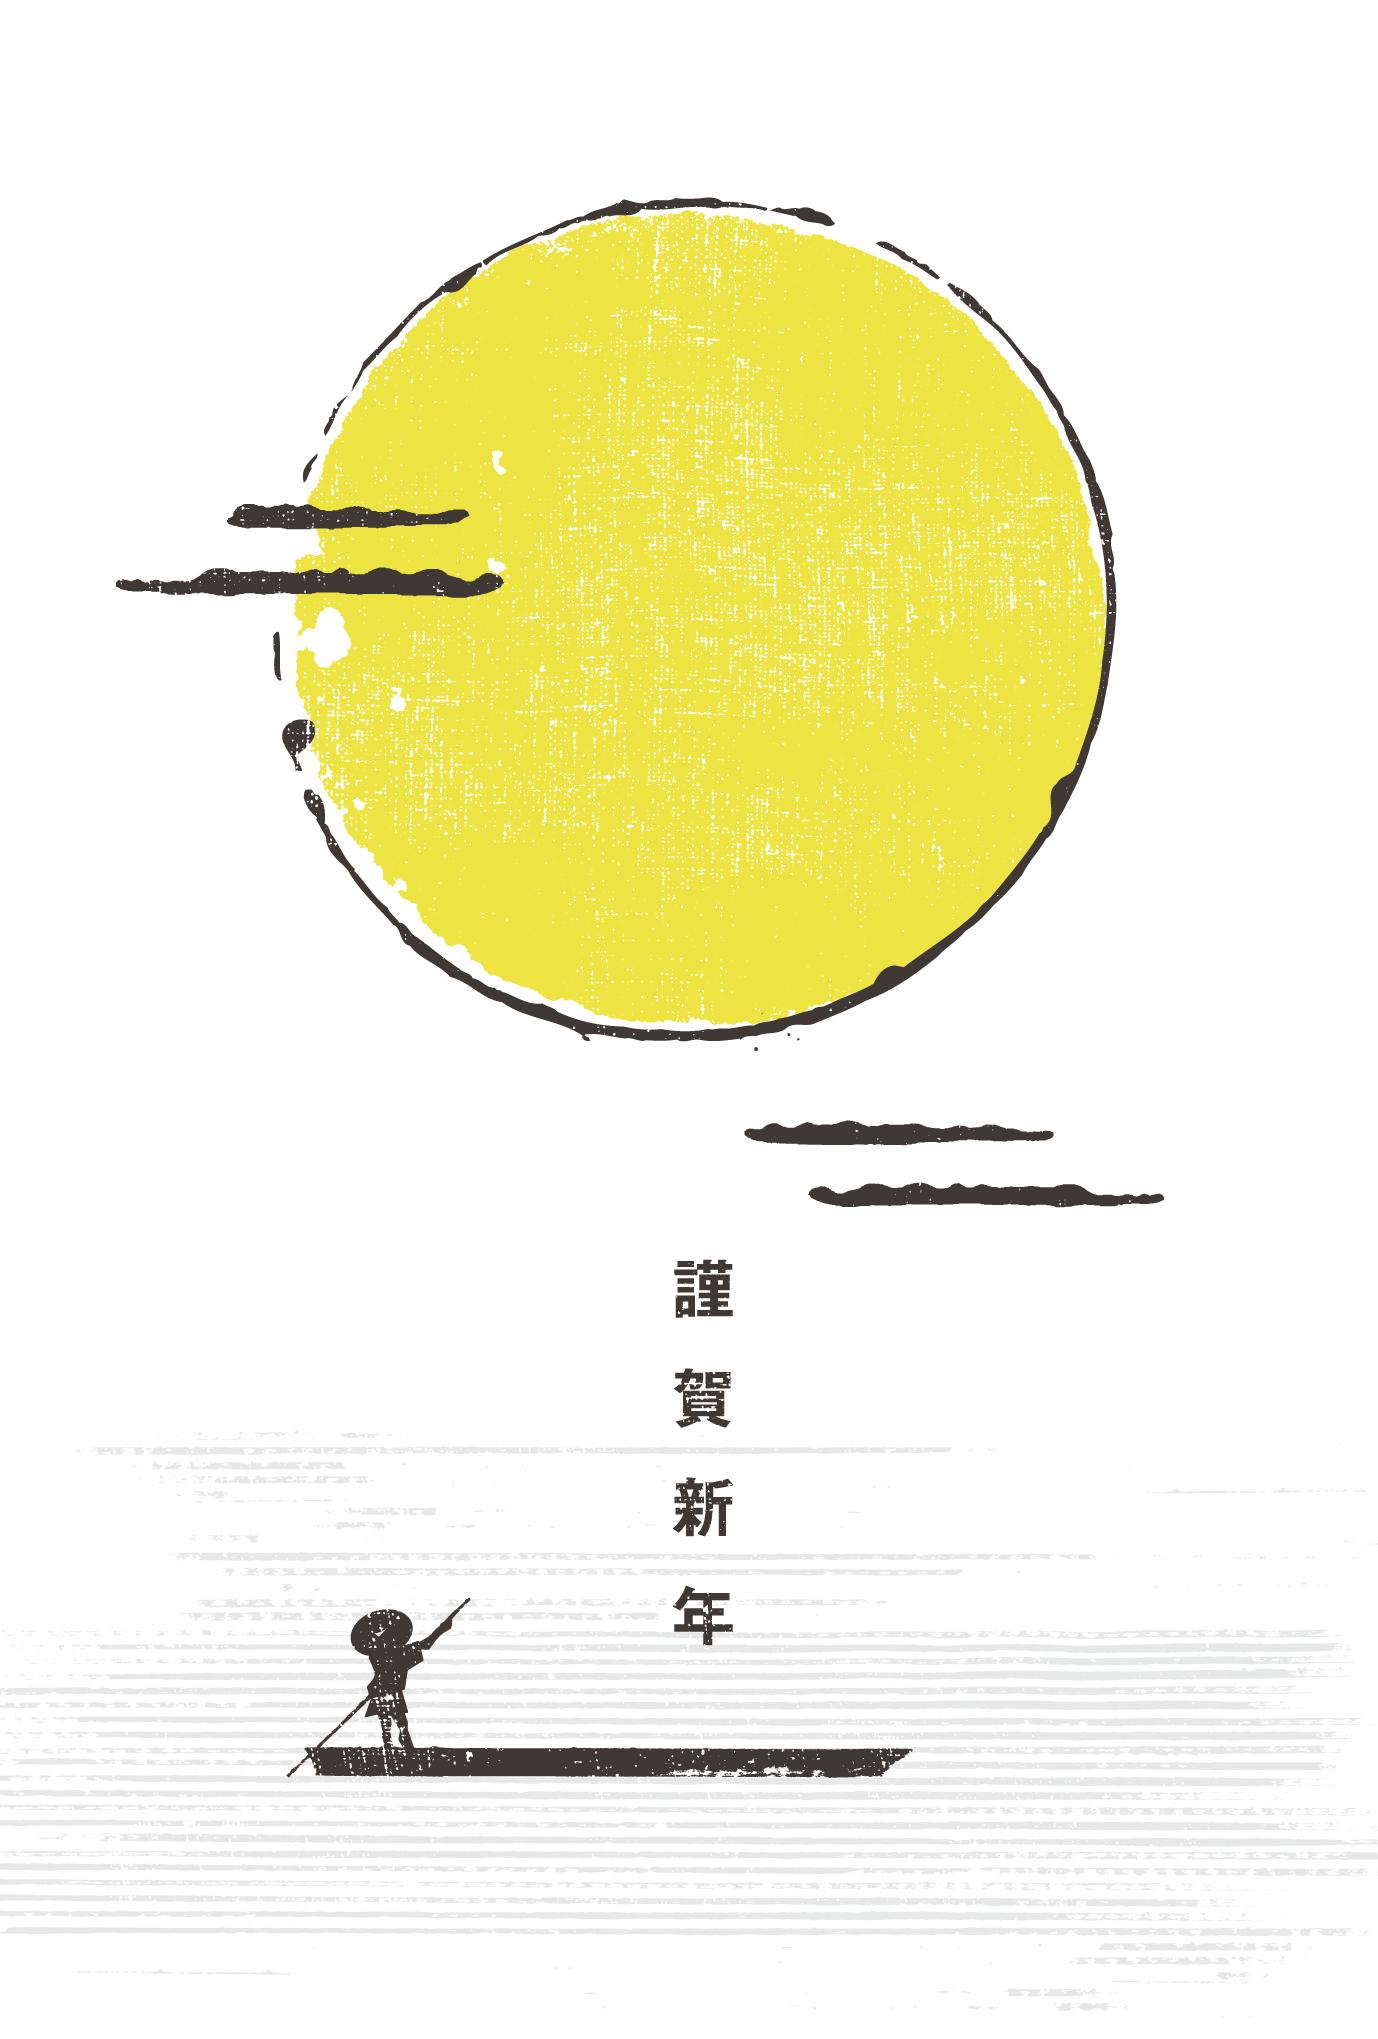 2021年賀状18-1:二〇二一の船頭 / 黄のダウンロード画像